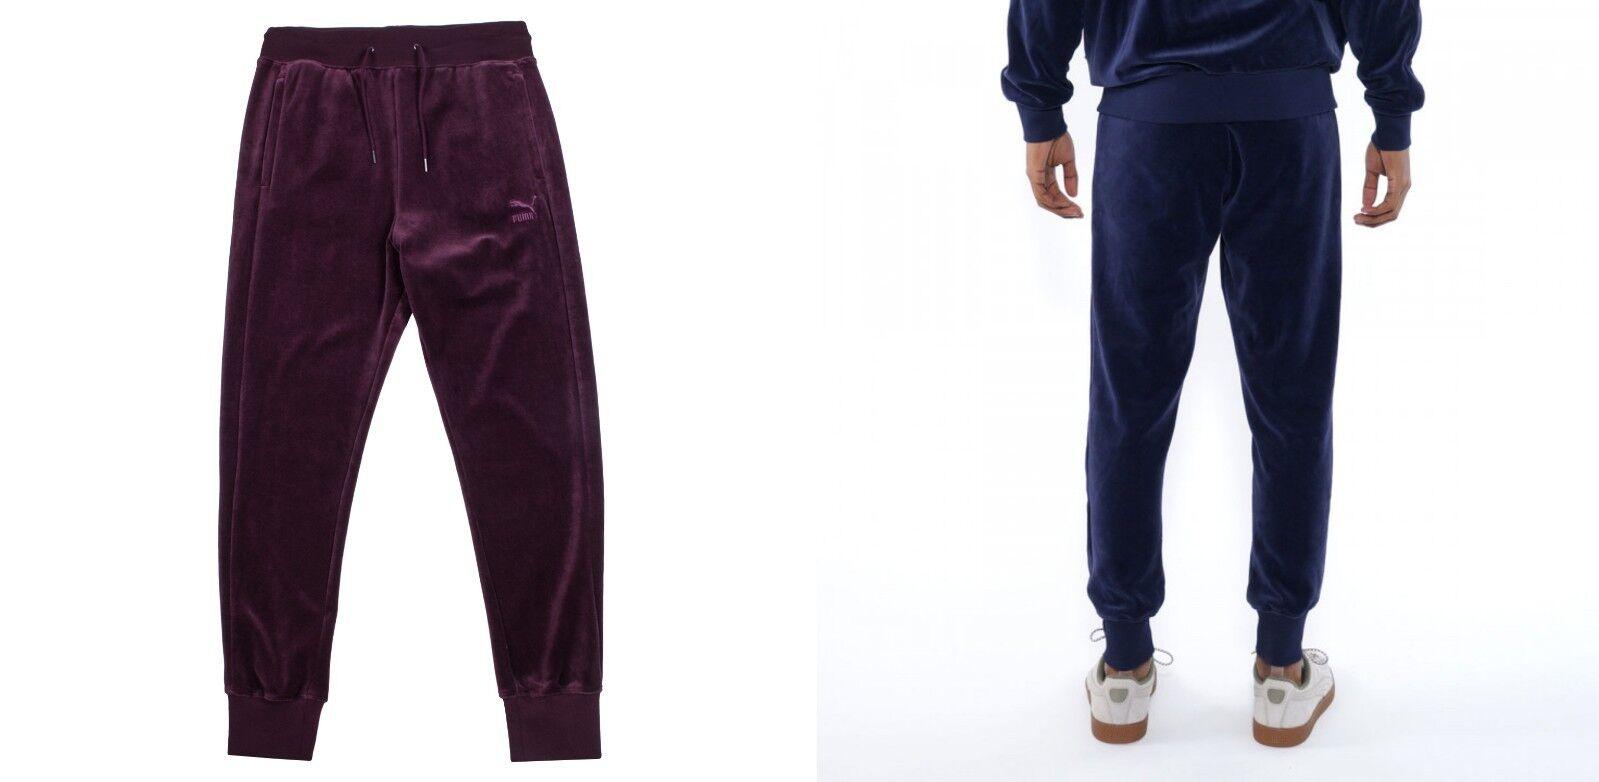 Puma Men's T7 Velour Two Tone Flip Warm Up SweatPants Pants  4XL XXXXL   75